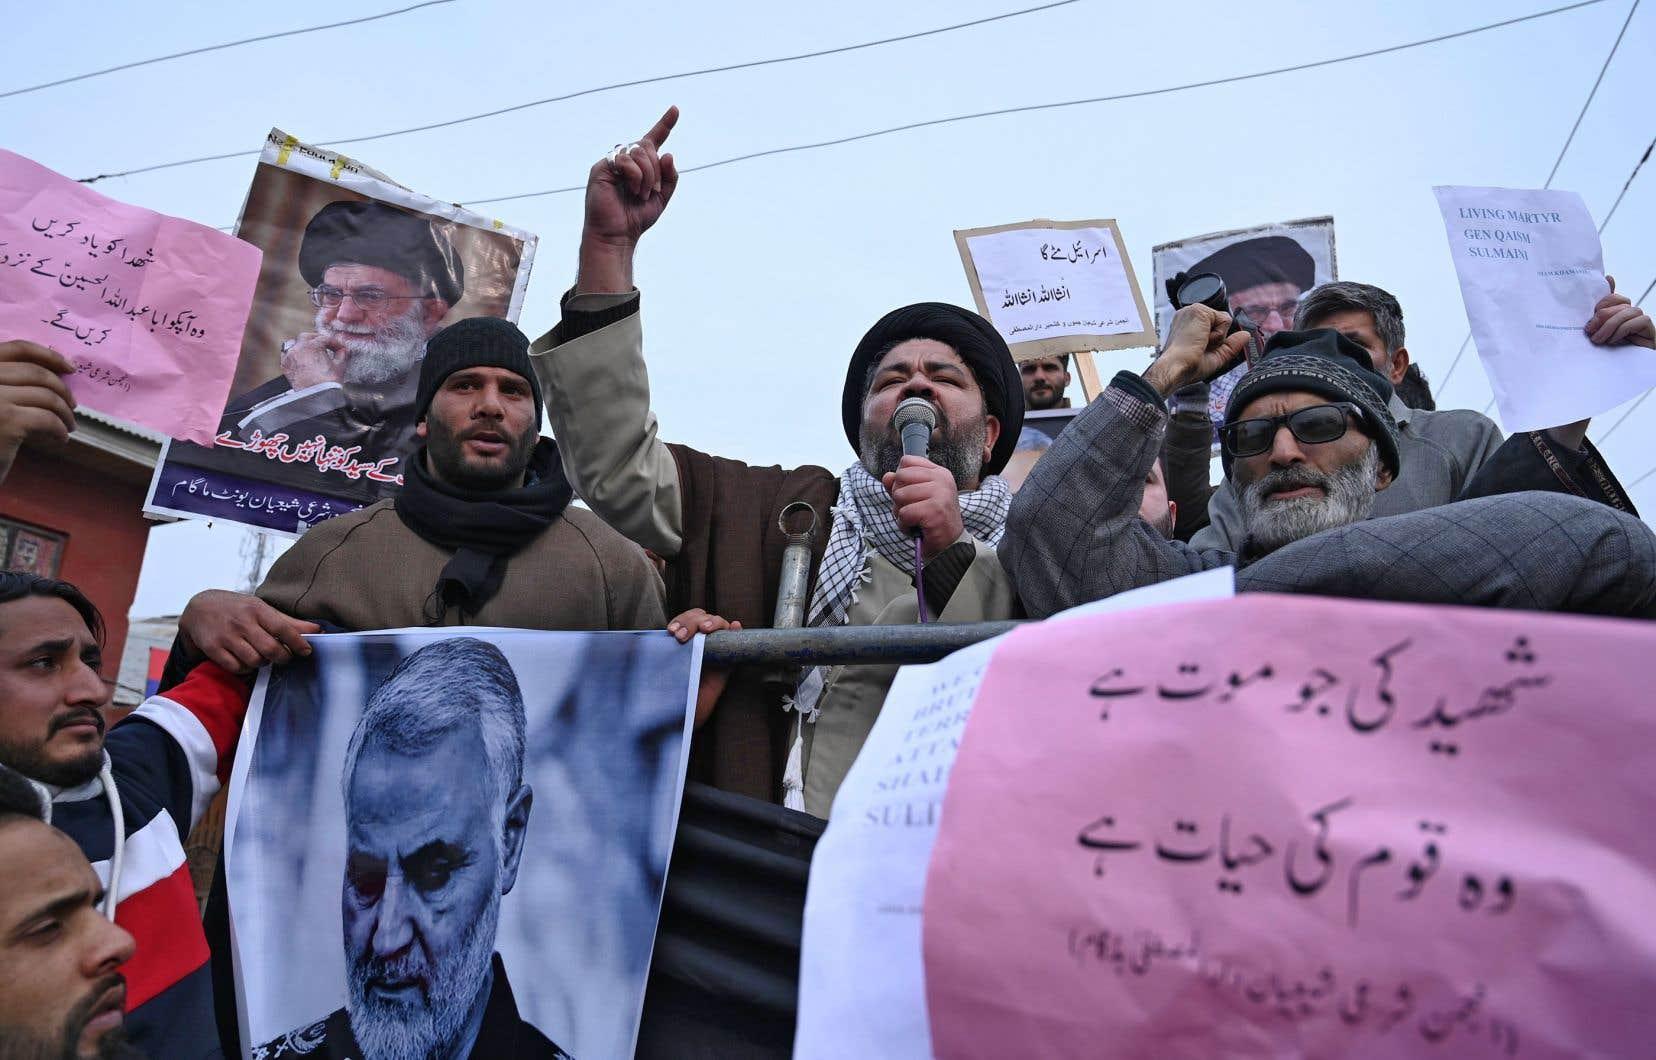 Il y a une très grande instabilité en Irak qui devient une zone d'affrontement indirecte entre les États-Unis et l'Iran.